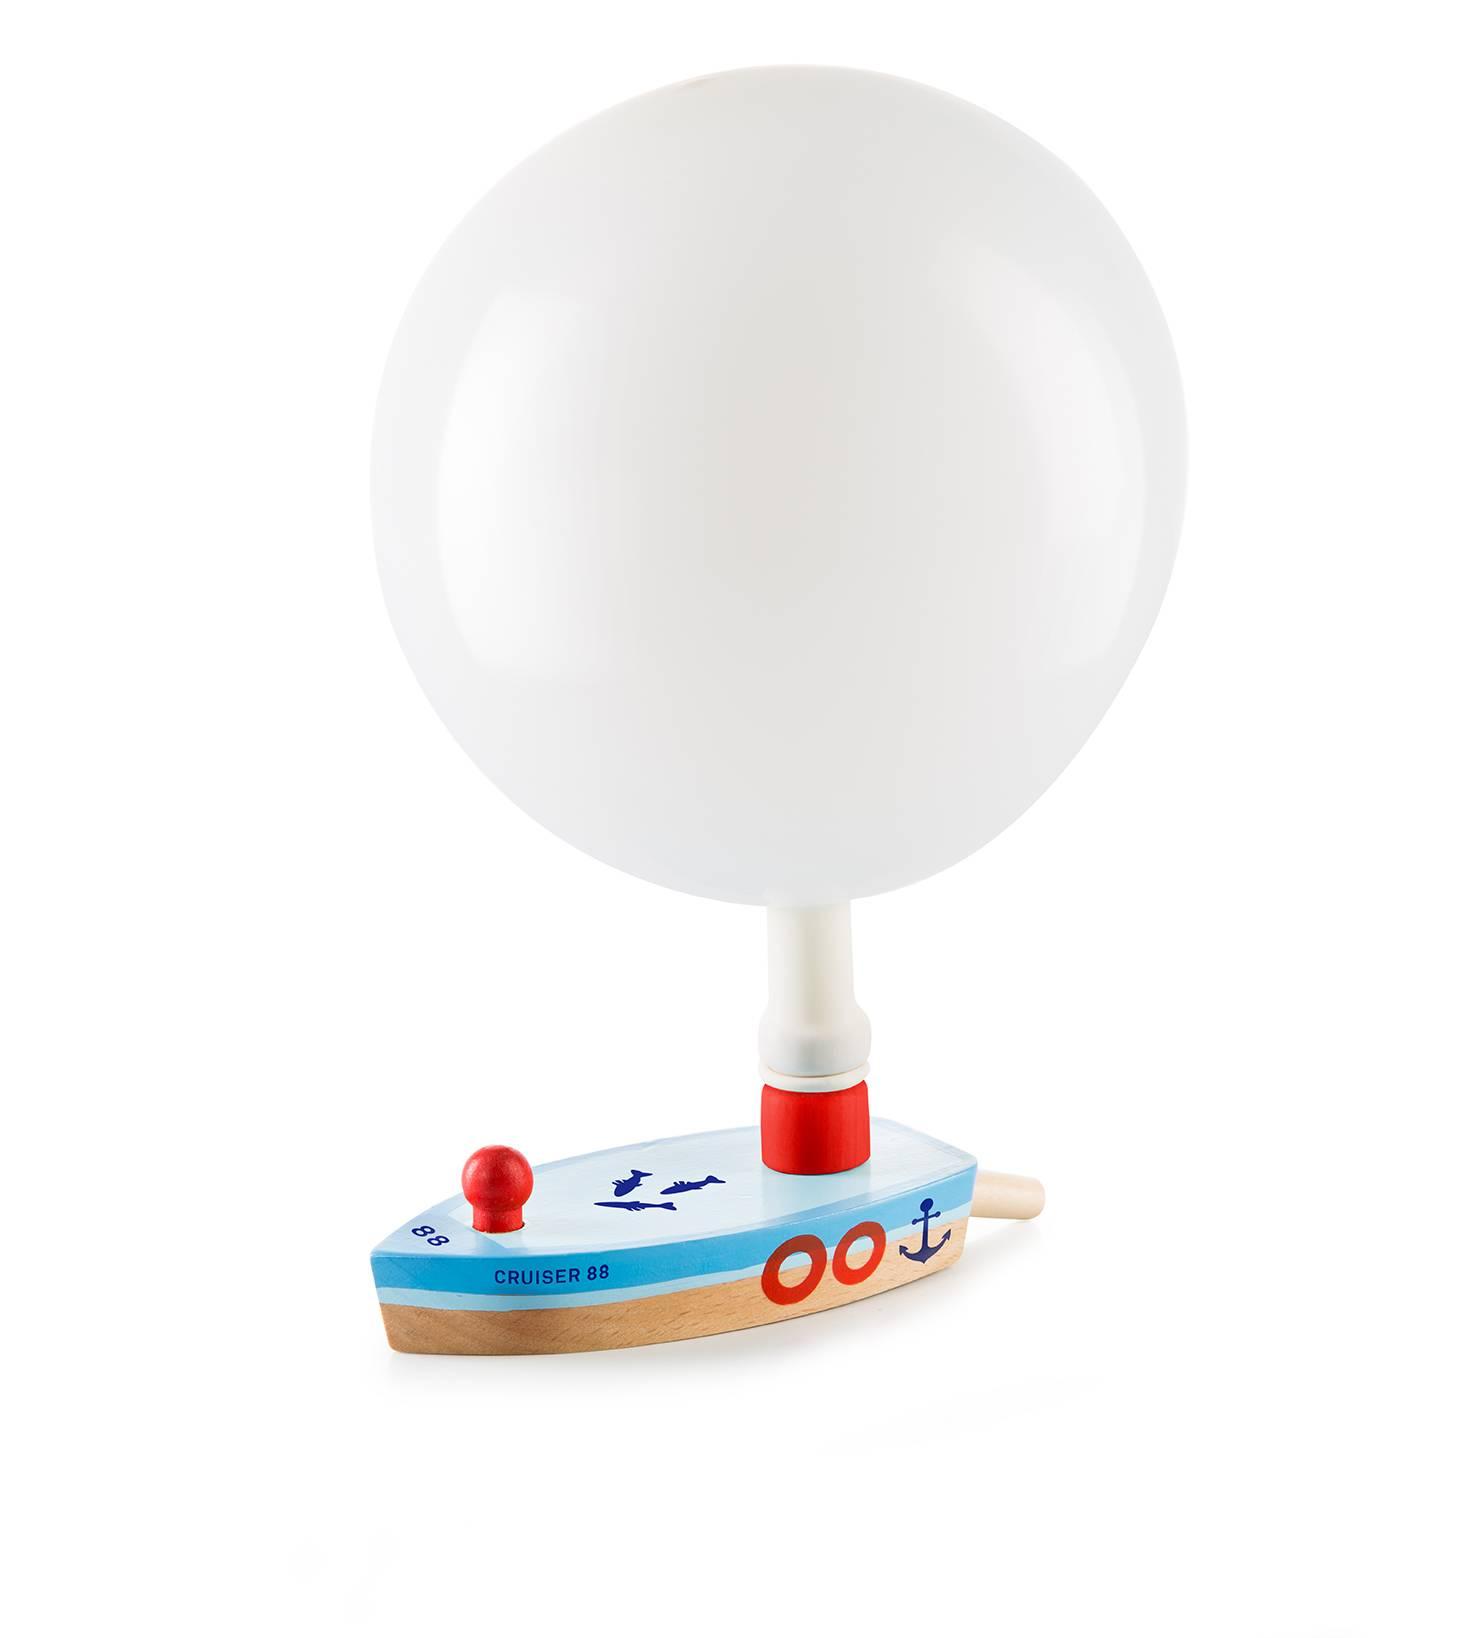 Image of Ballon båd - Balloon Pusters (Cruiser 88)